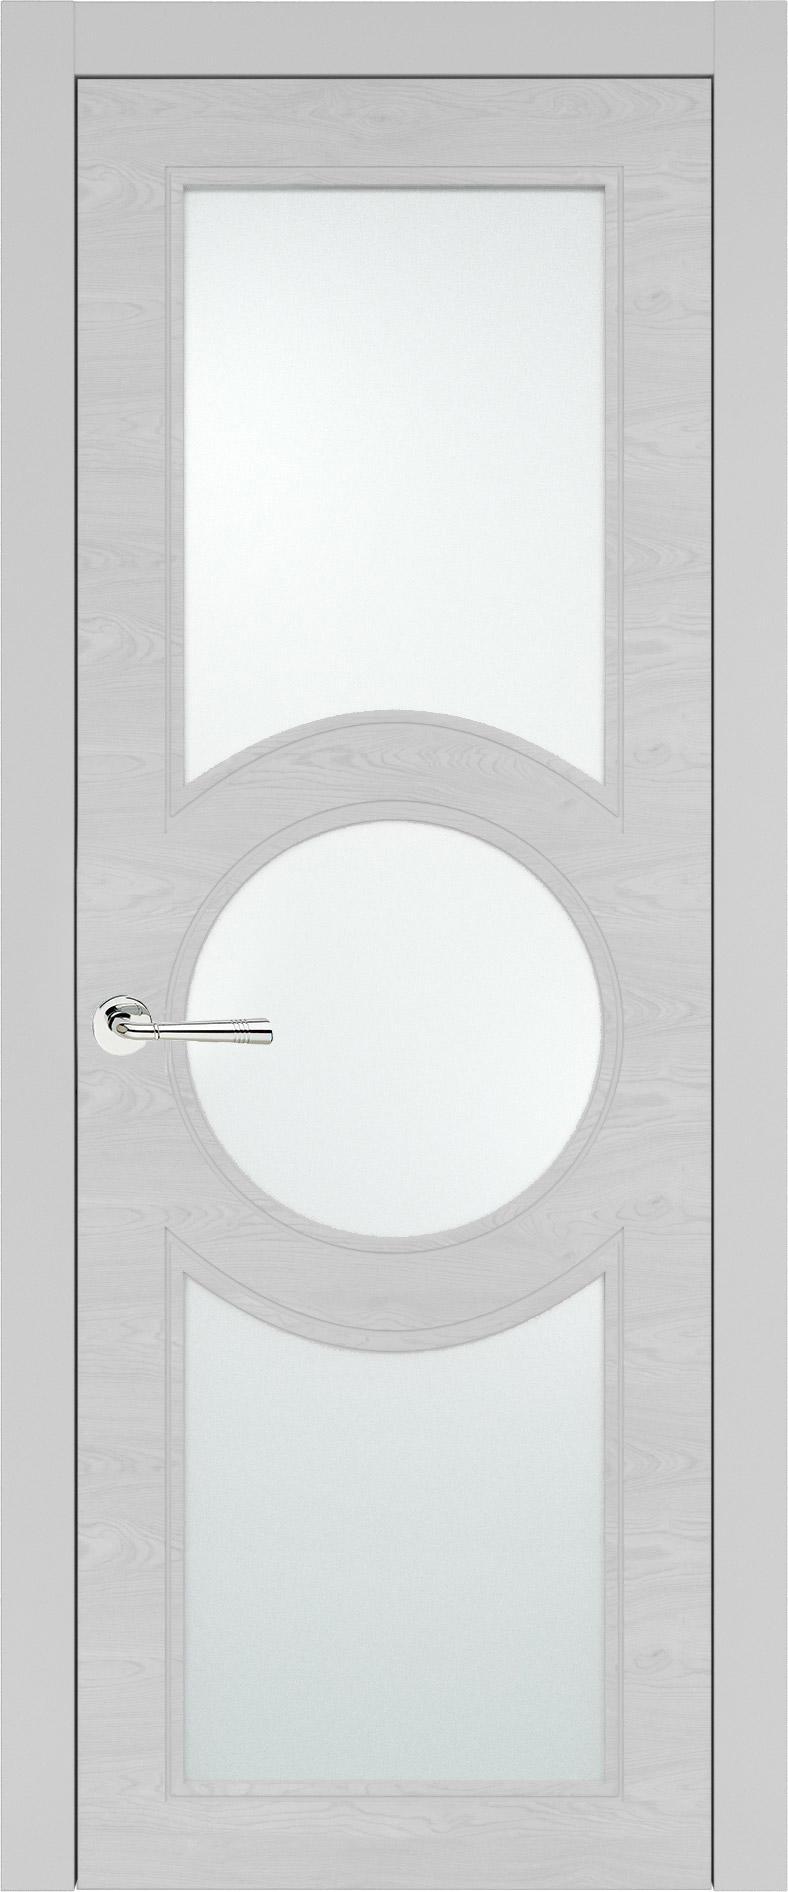 Ravenna Neo Classic цвет - Серая эмаль по шпону (RAL 7047) Со стеклом (ДО)